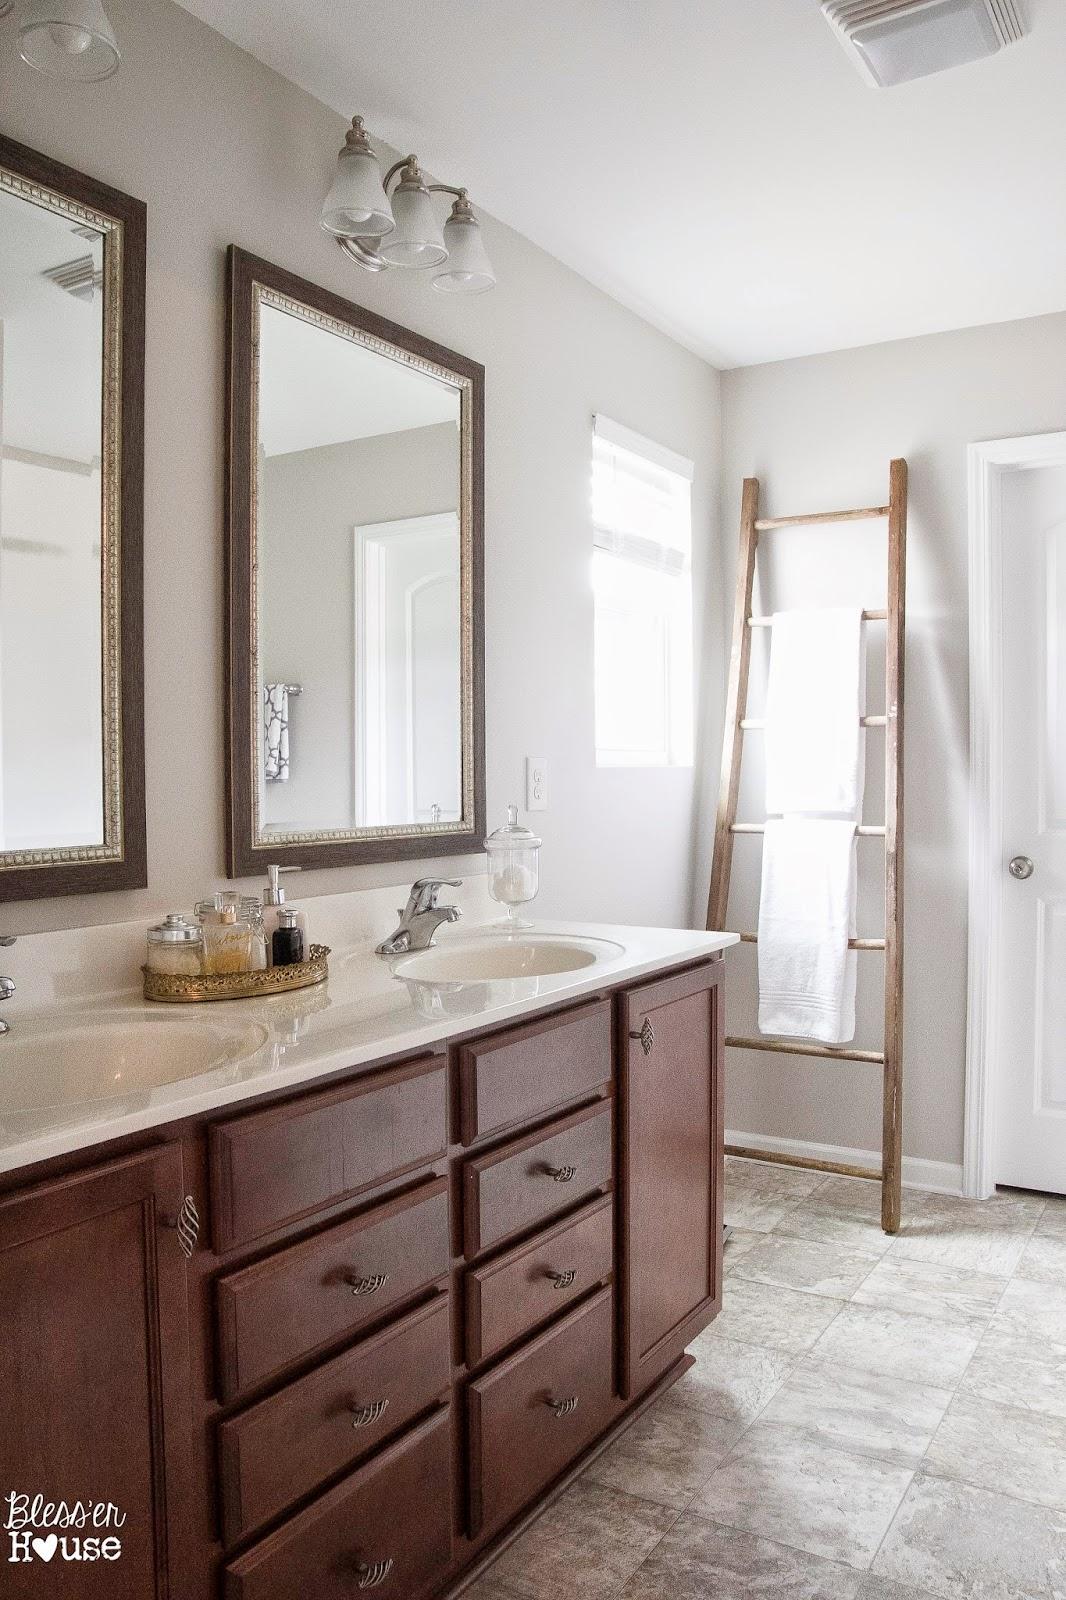 Bless'er House | Reclaimed Ladder Towel Rack